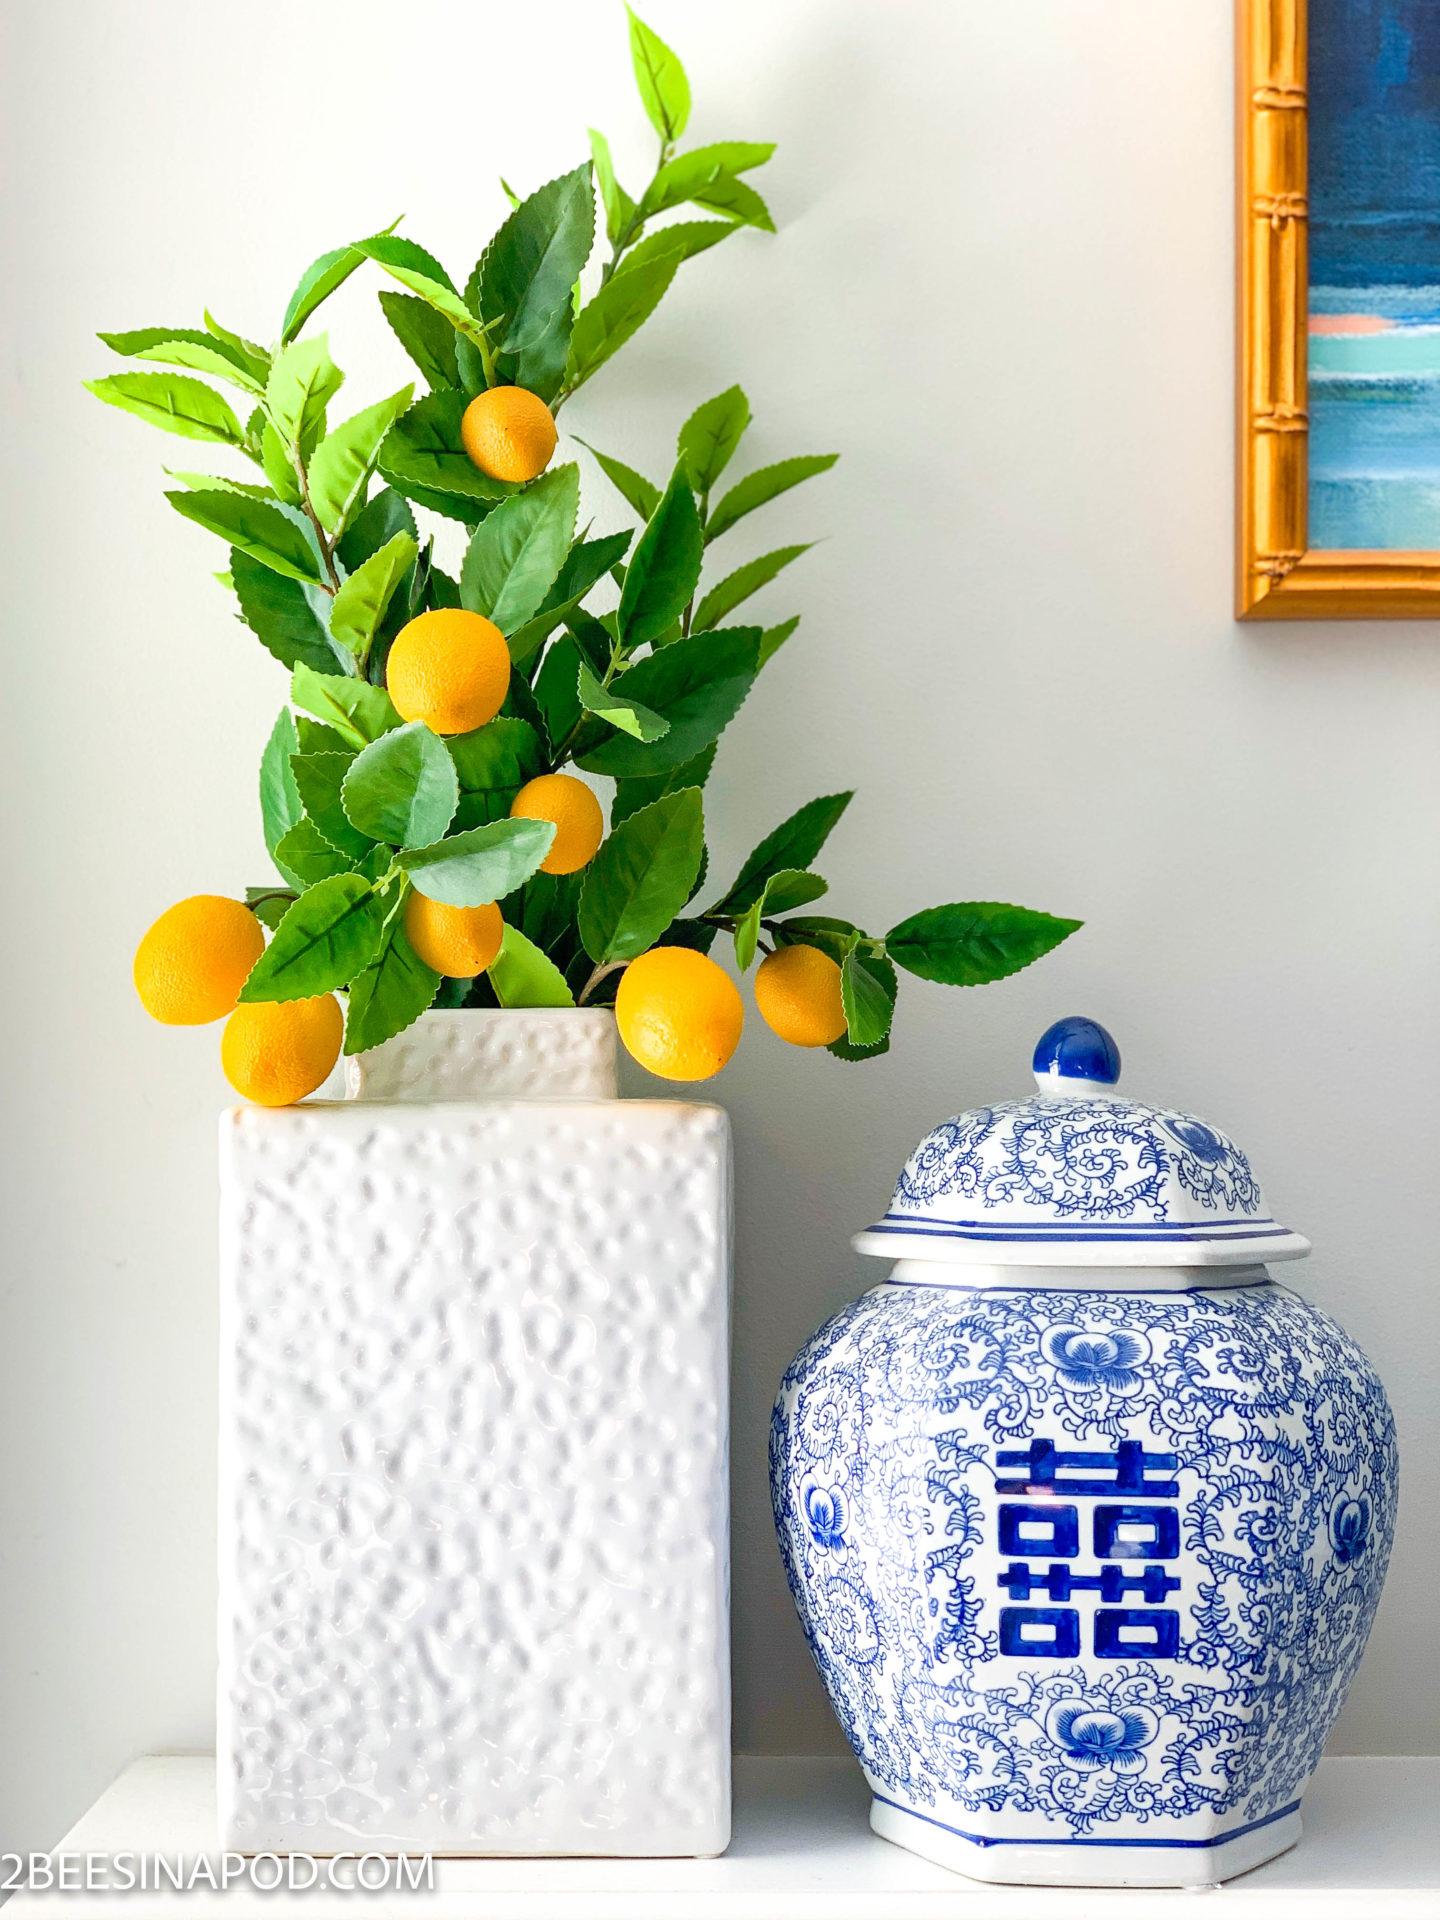 Summer Lemon Inspired Mantel